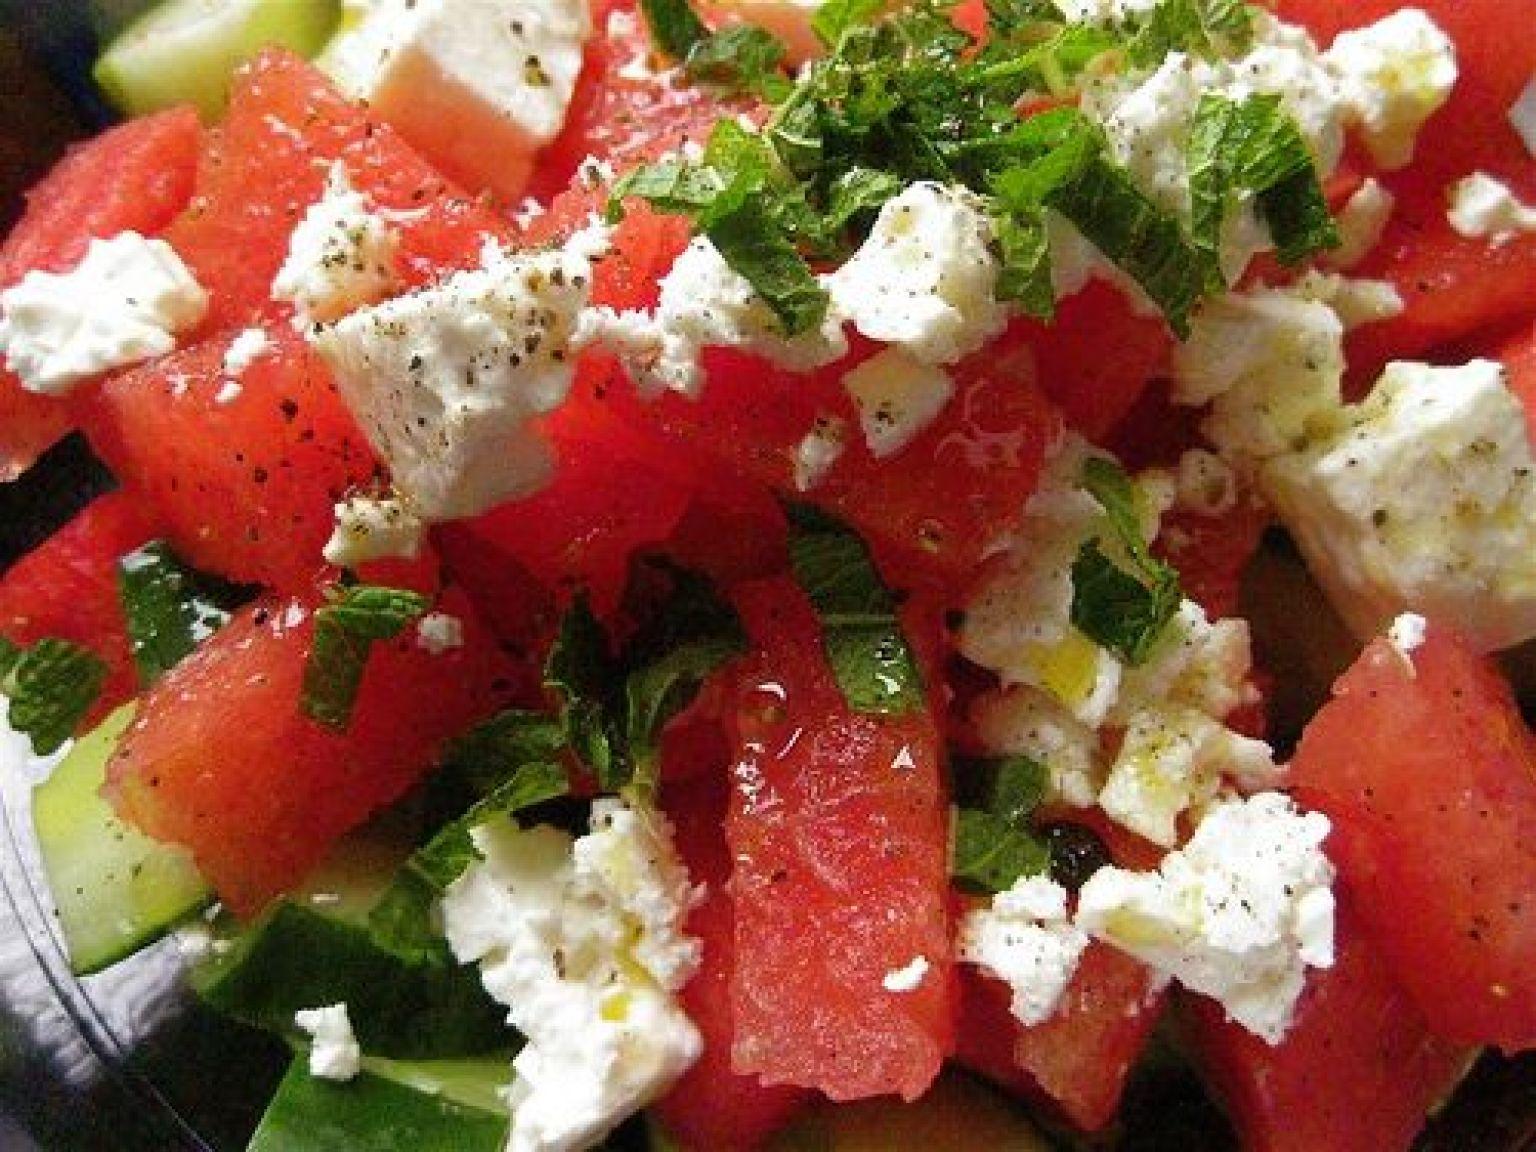 Salad for summer